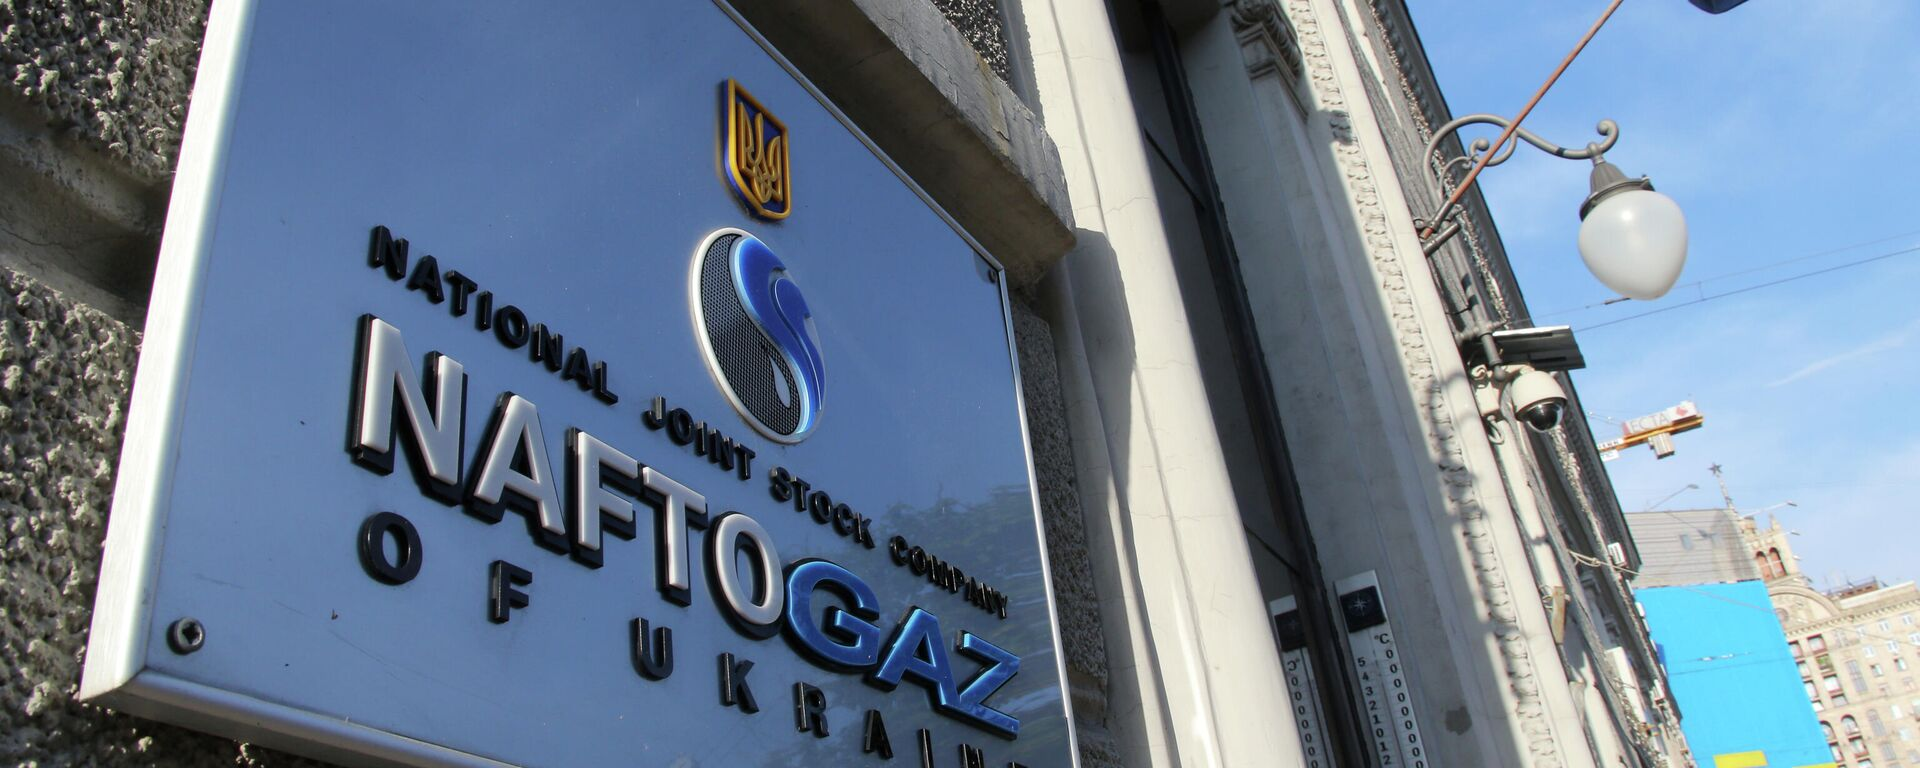 Вывеска нефтегазового холдинга Нафтогаз Украины на административном здании в Киеве - Sputnik Узбекистан, 1920, 25.04.2021